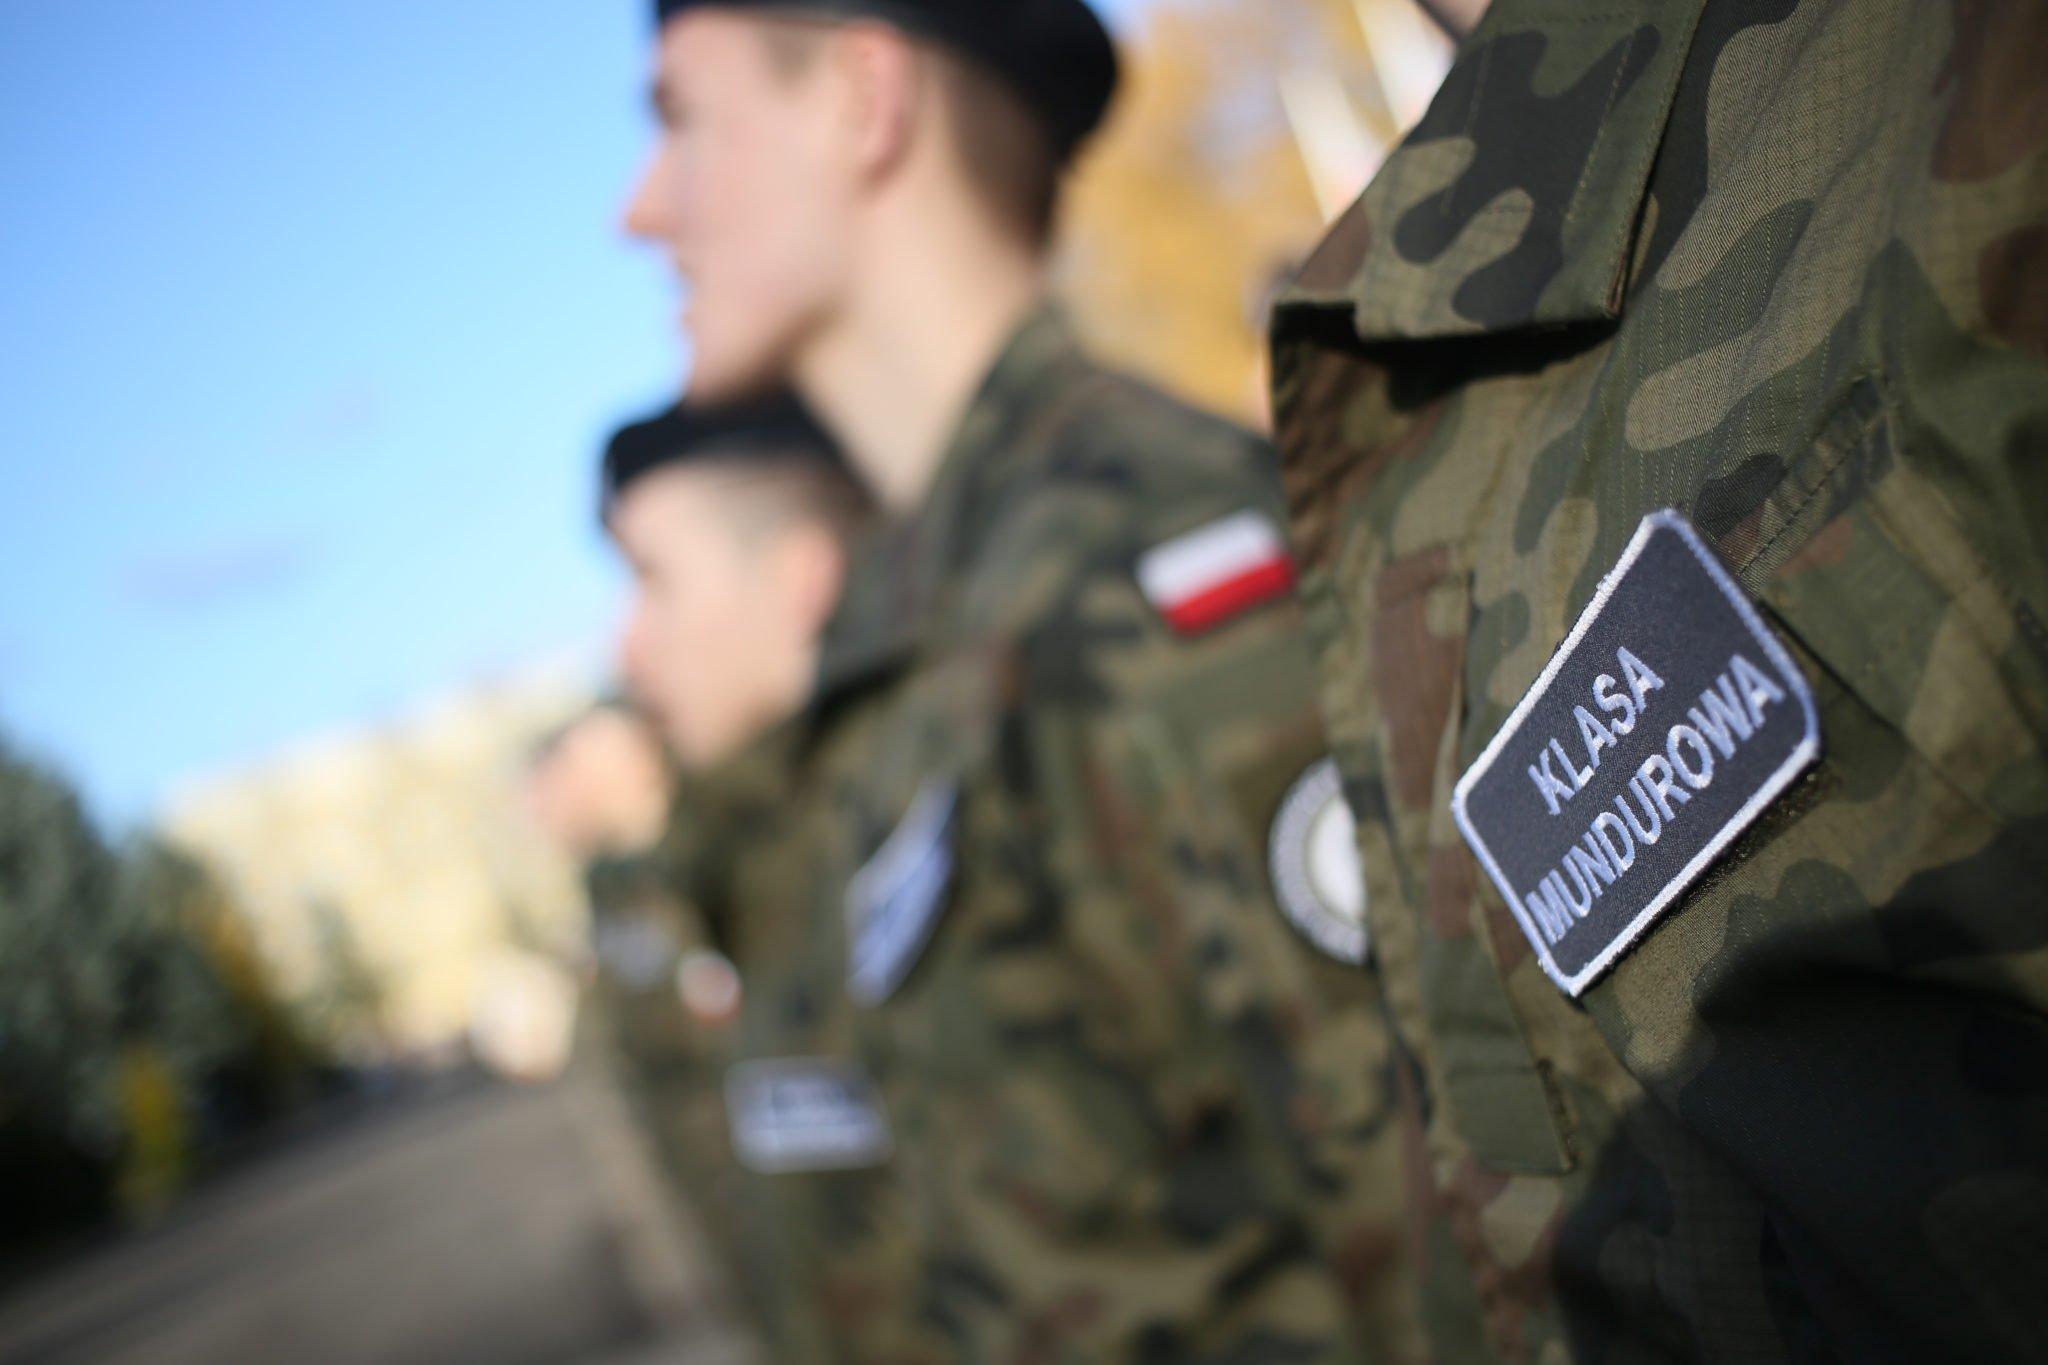 Polska: apel klas mundurowych przed rozpoczęciem konferencji eksperckiej poświęconej Wojskom Obrony Terytorialnej w Warszawie (foto. PAP/Leszek Szymański)